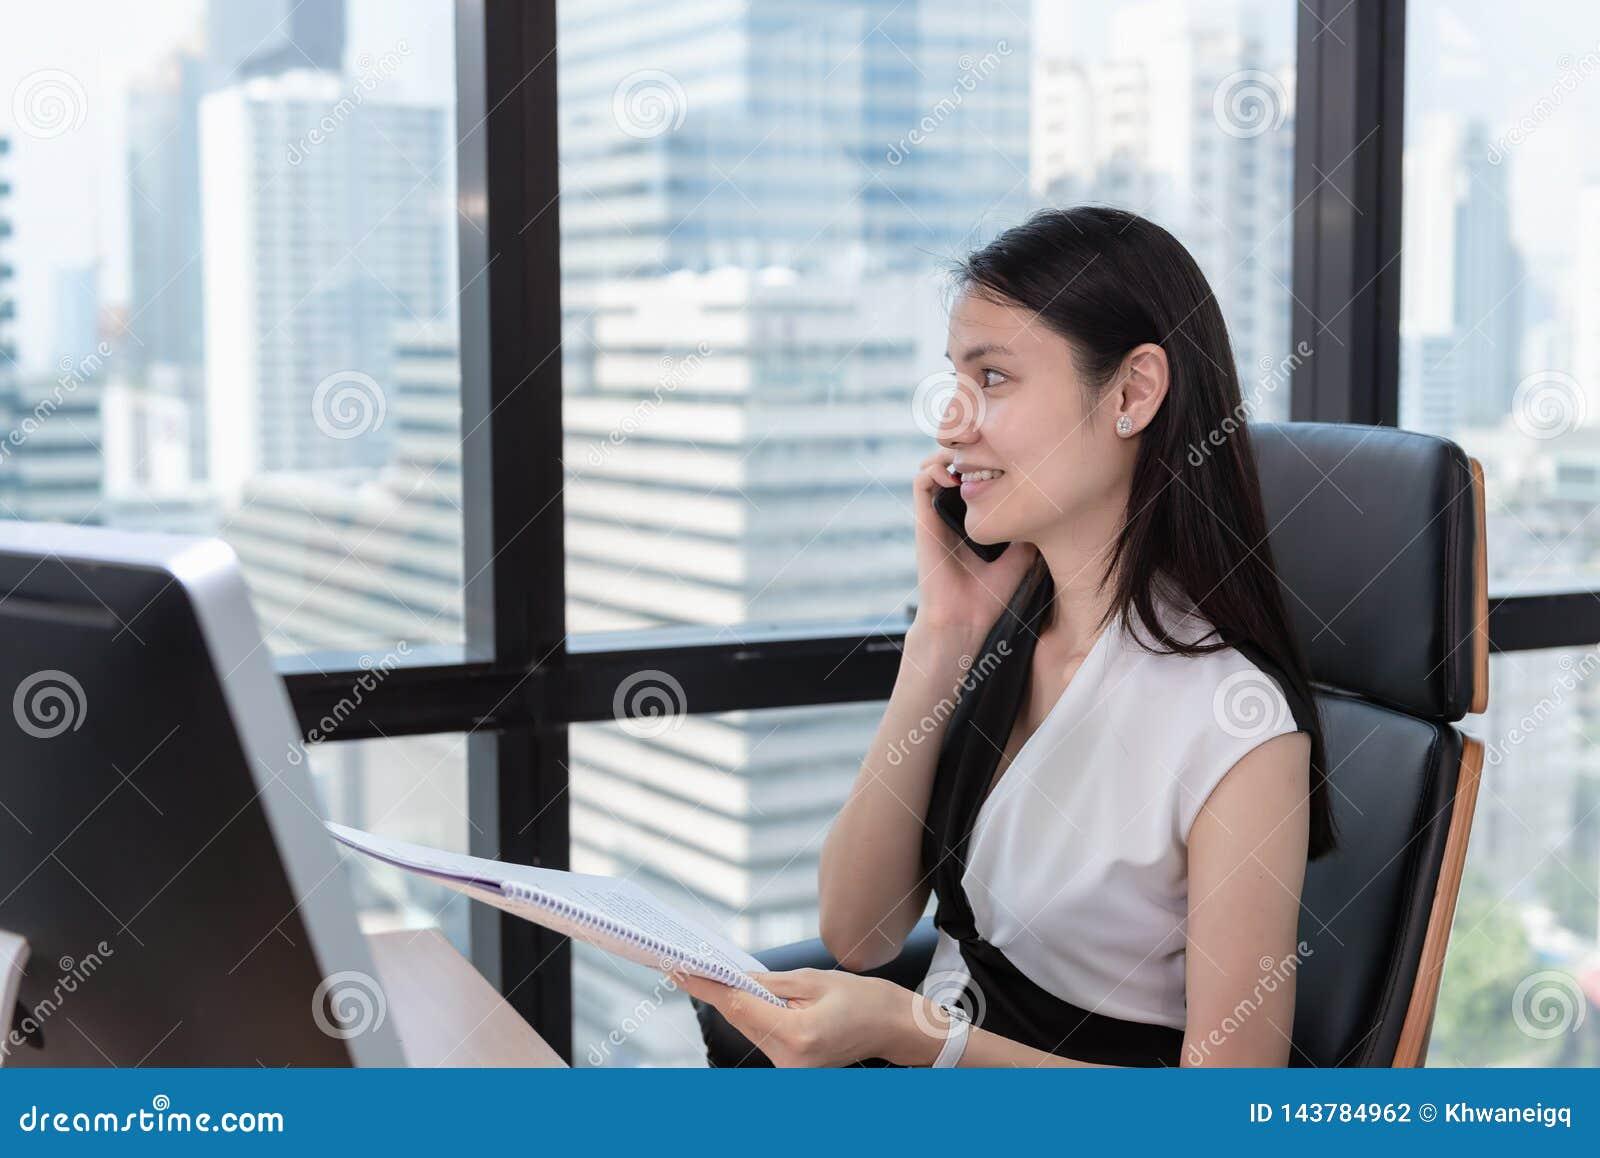 Портрет бизнес-леди говорит на мобильном телефоне в рабочем месте офиса, привлекательная красивая коммерсантка говорит дальше